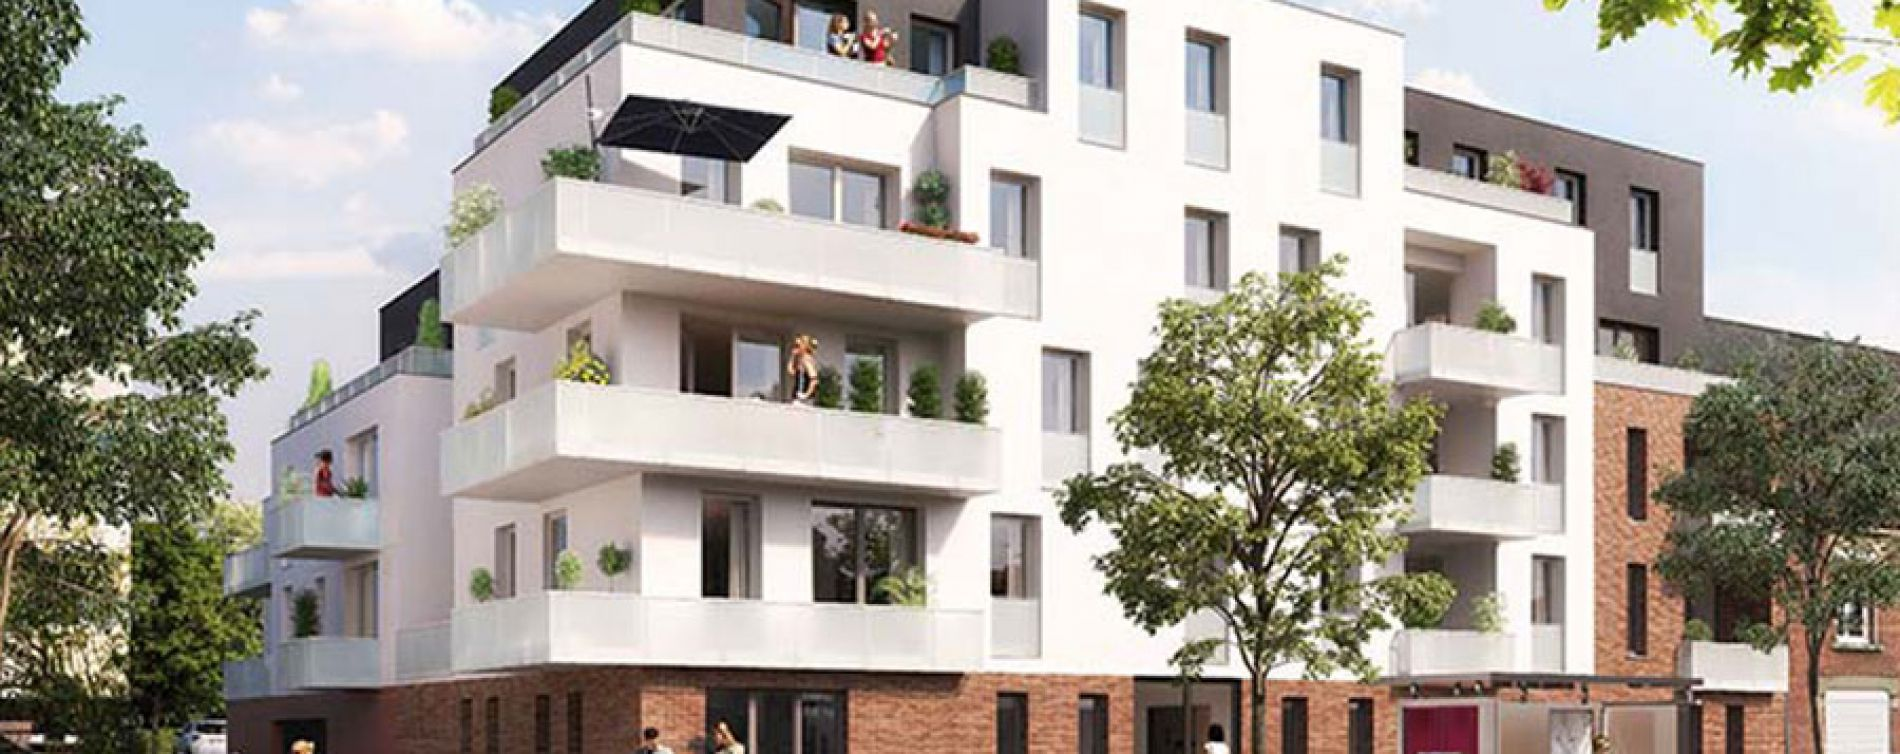 Amiens : programme immobilier neuve « Le 321 St Quentin »